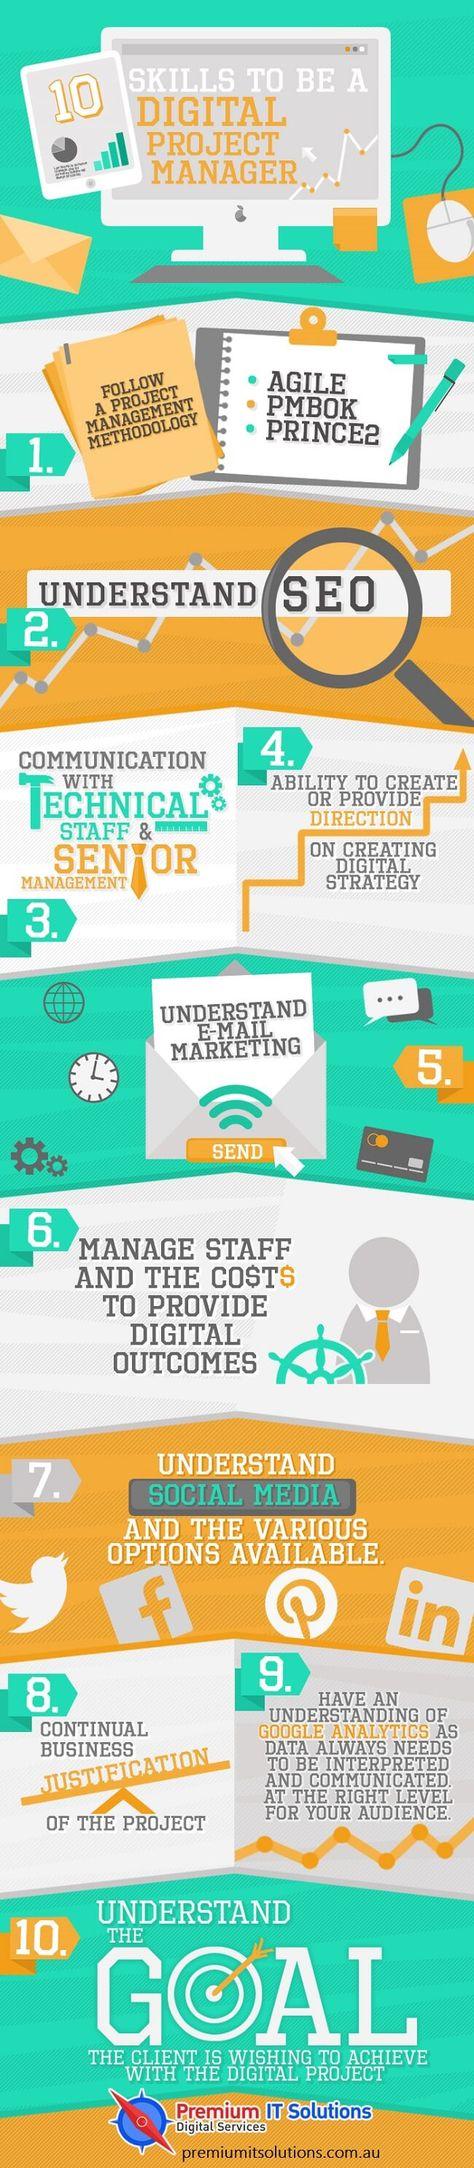 10+7: Skills Needed for Digital Marketing Success